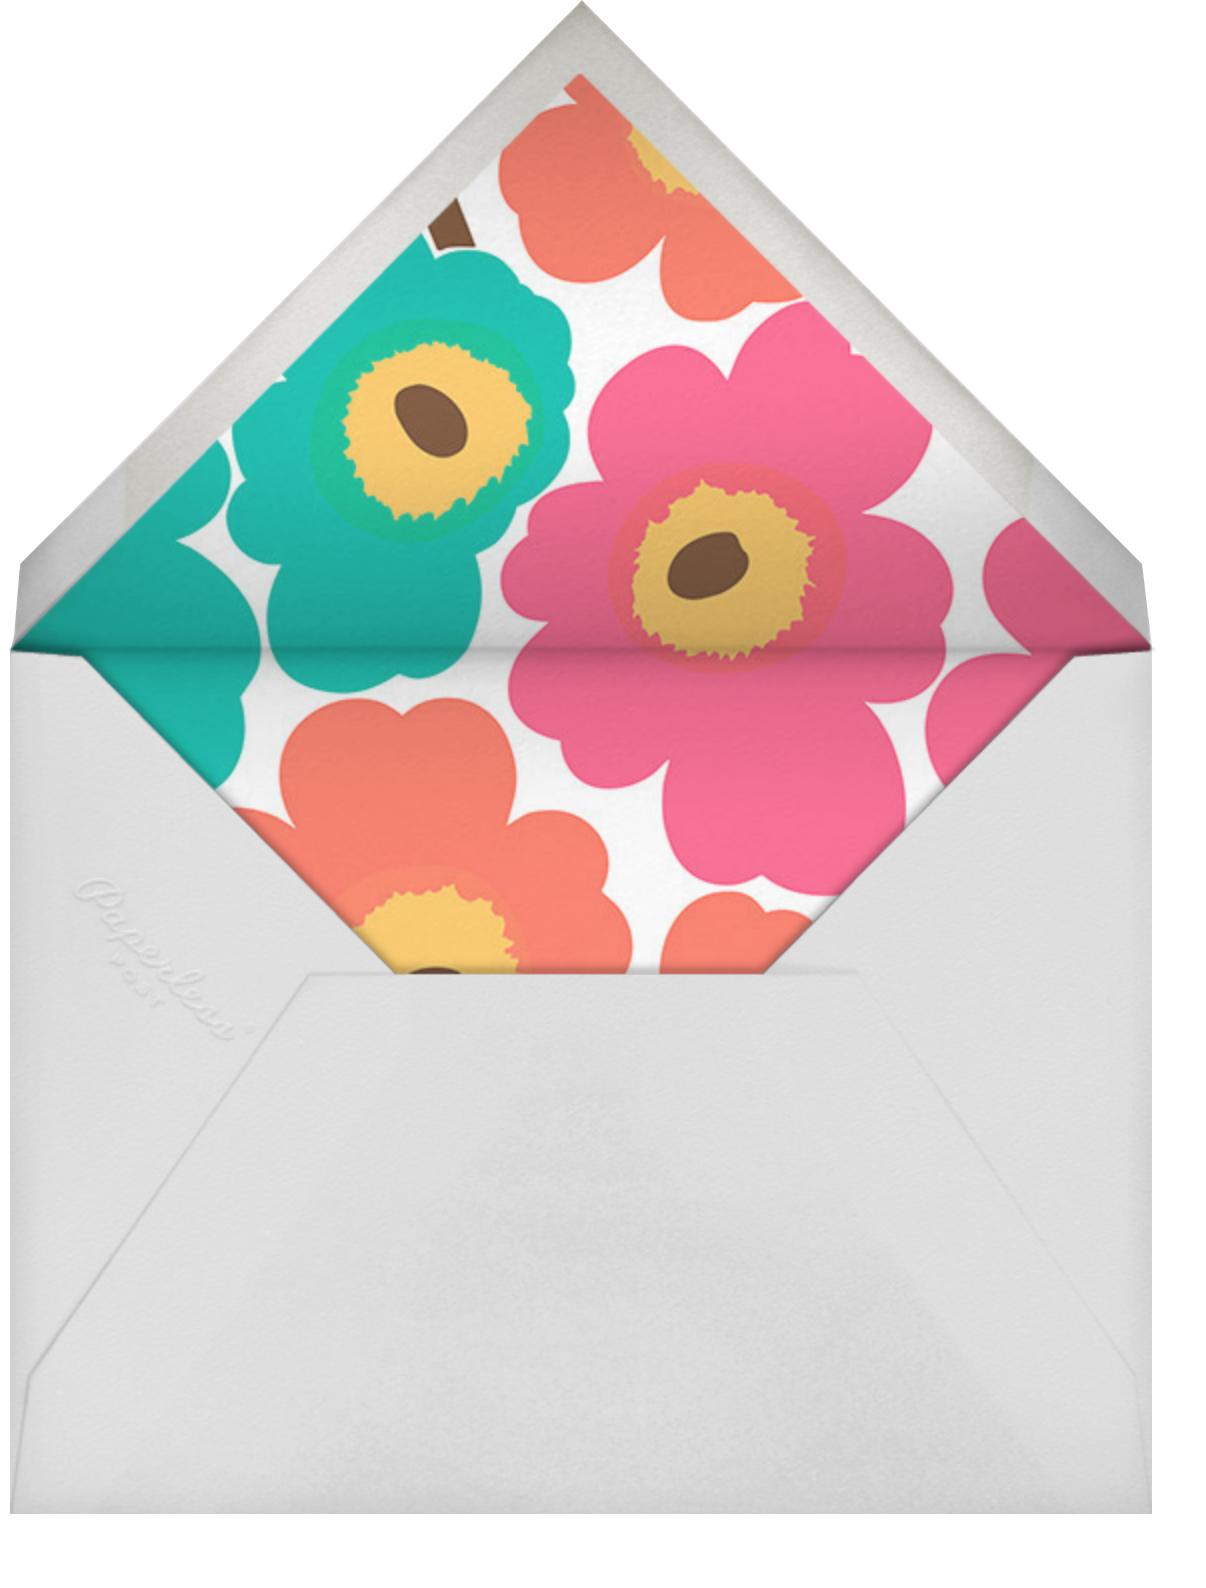 Unikko (Horizontal) - Pink/Teal - Marimekko - Baby shower - envelope back